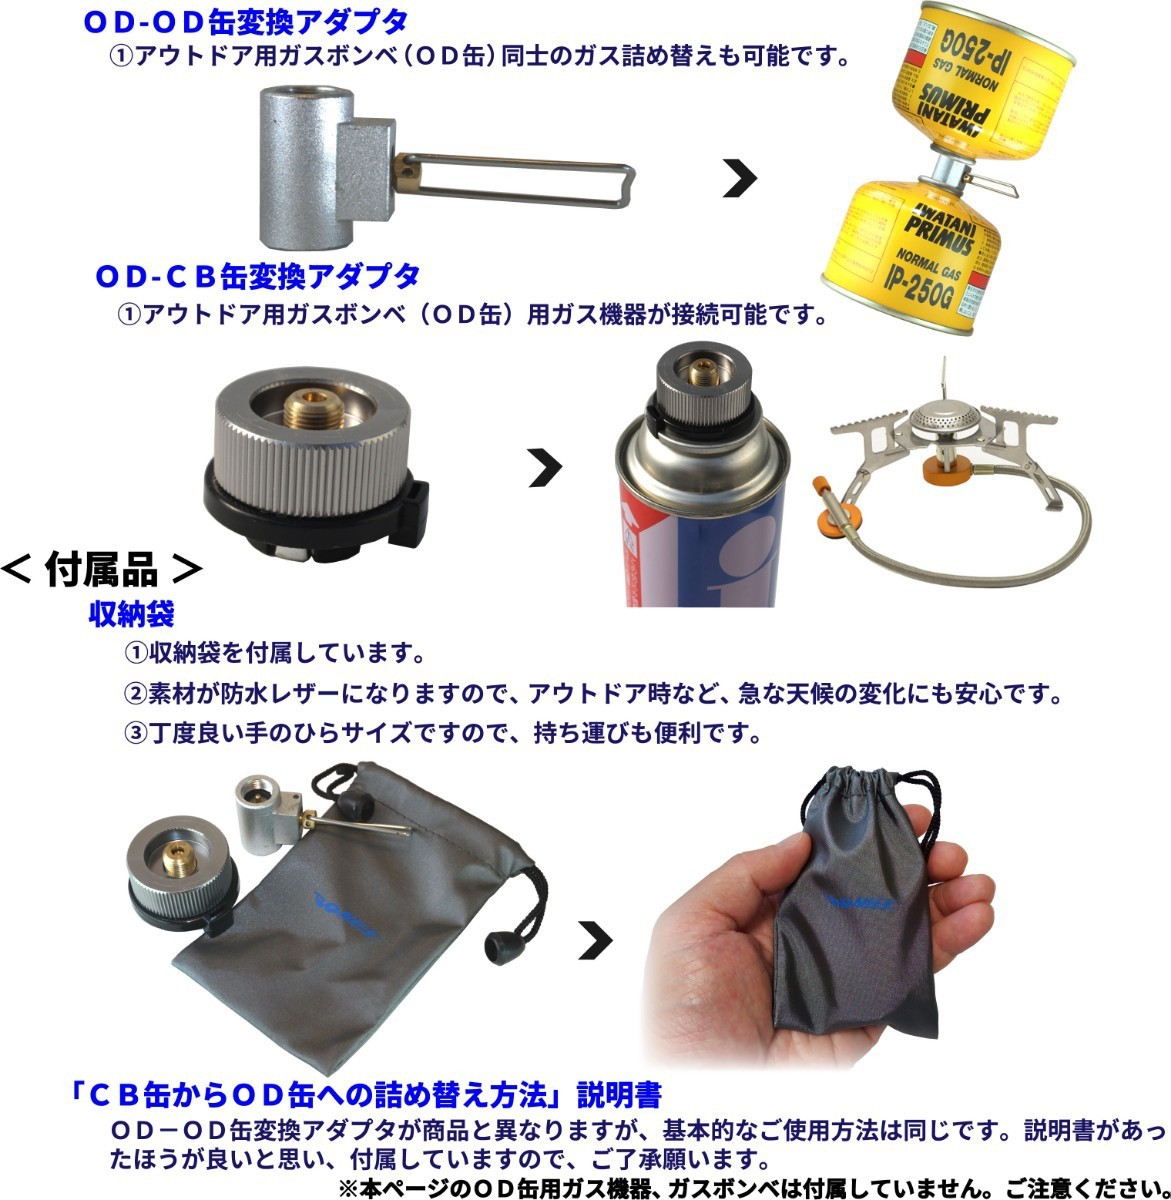 ガスアダプターG30 ガス詰め替えアダプター cb缶 od缶  №56